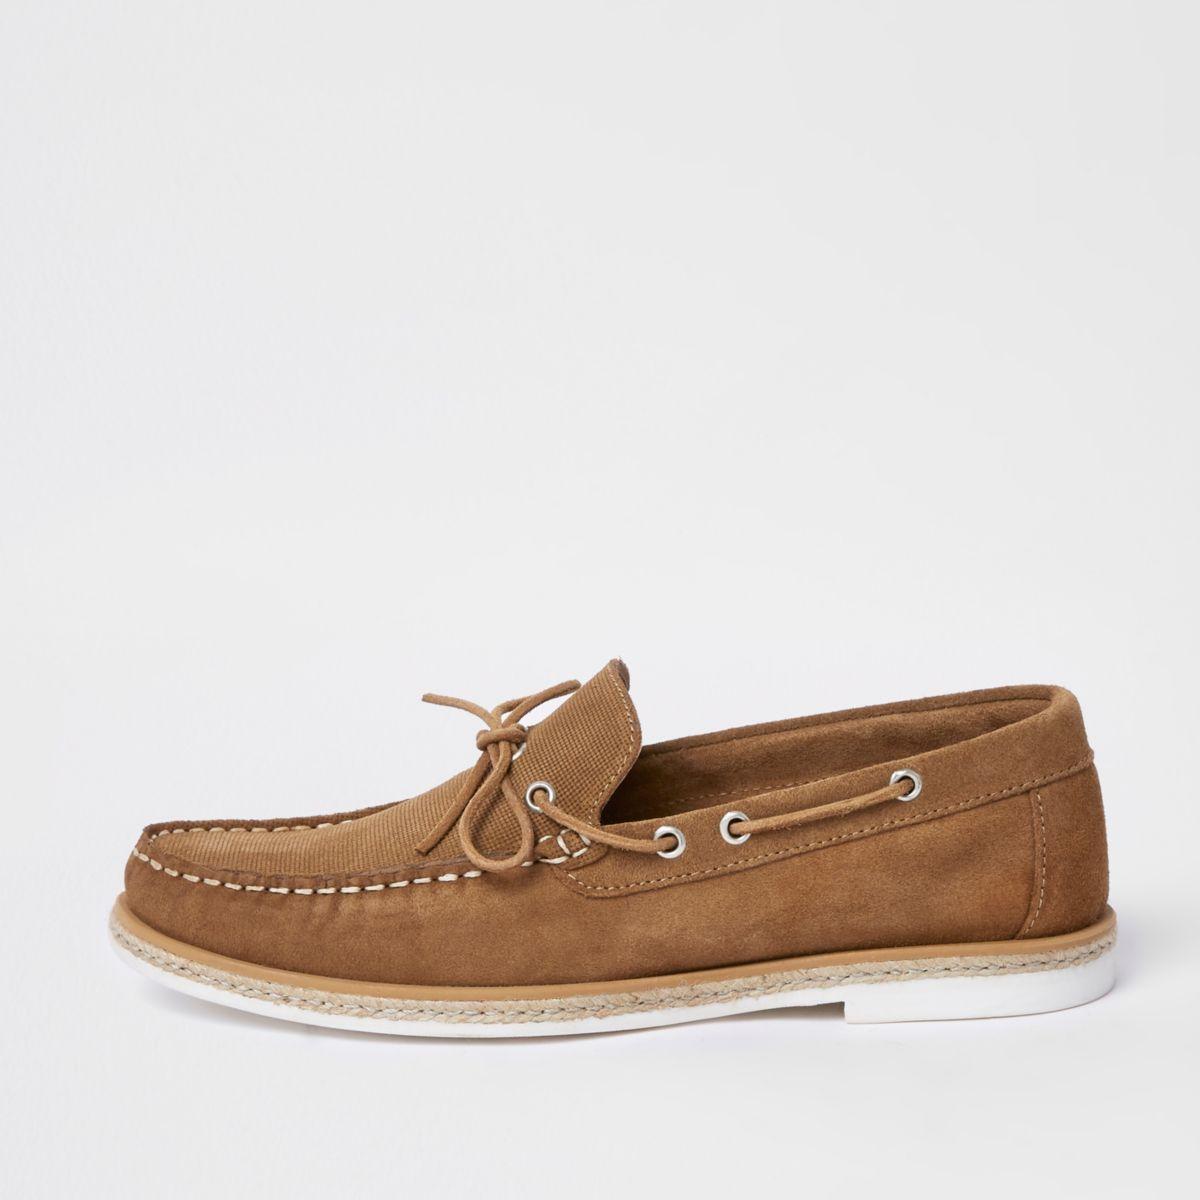 Brown suede boat shoe